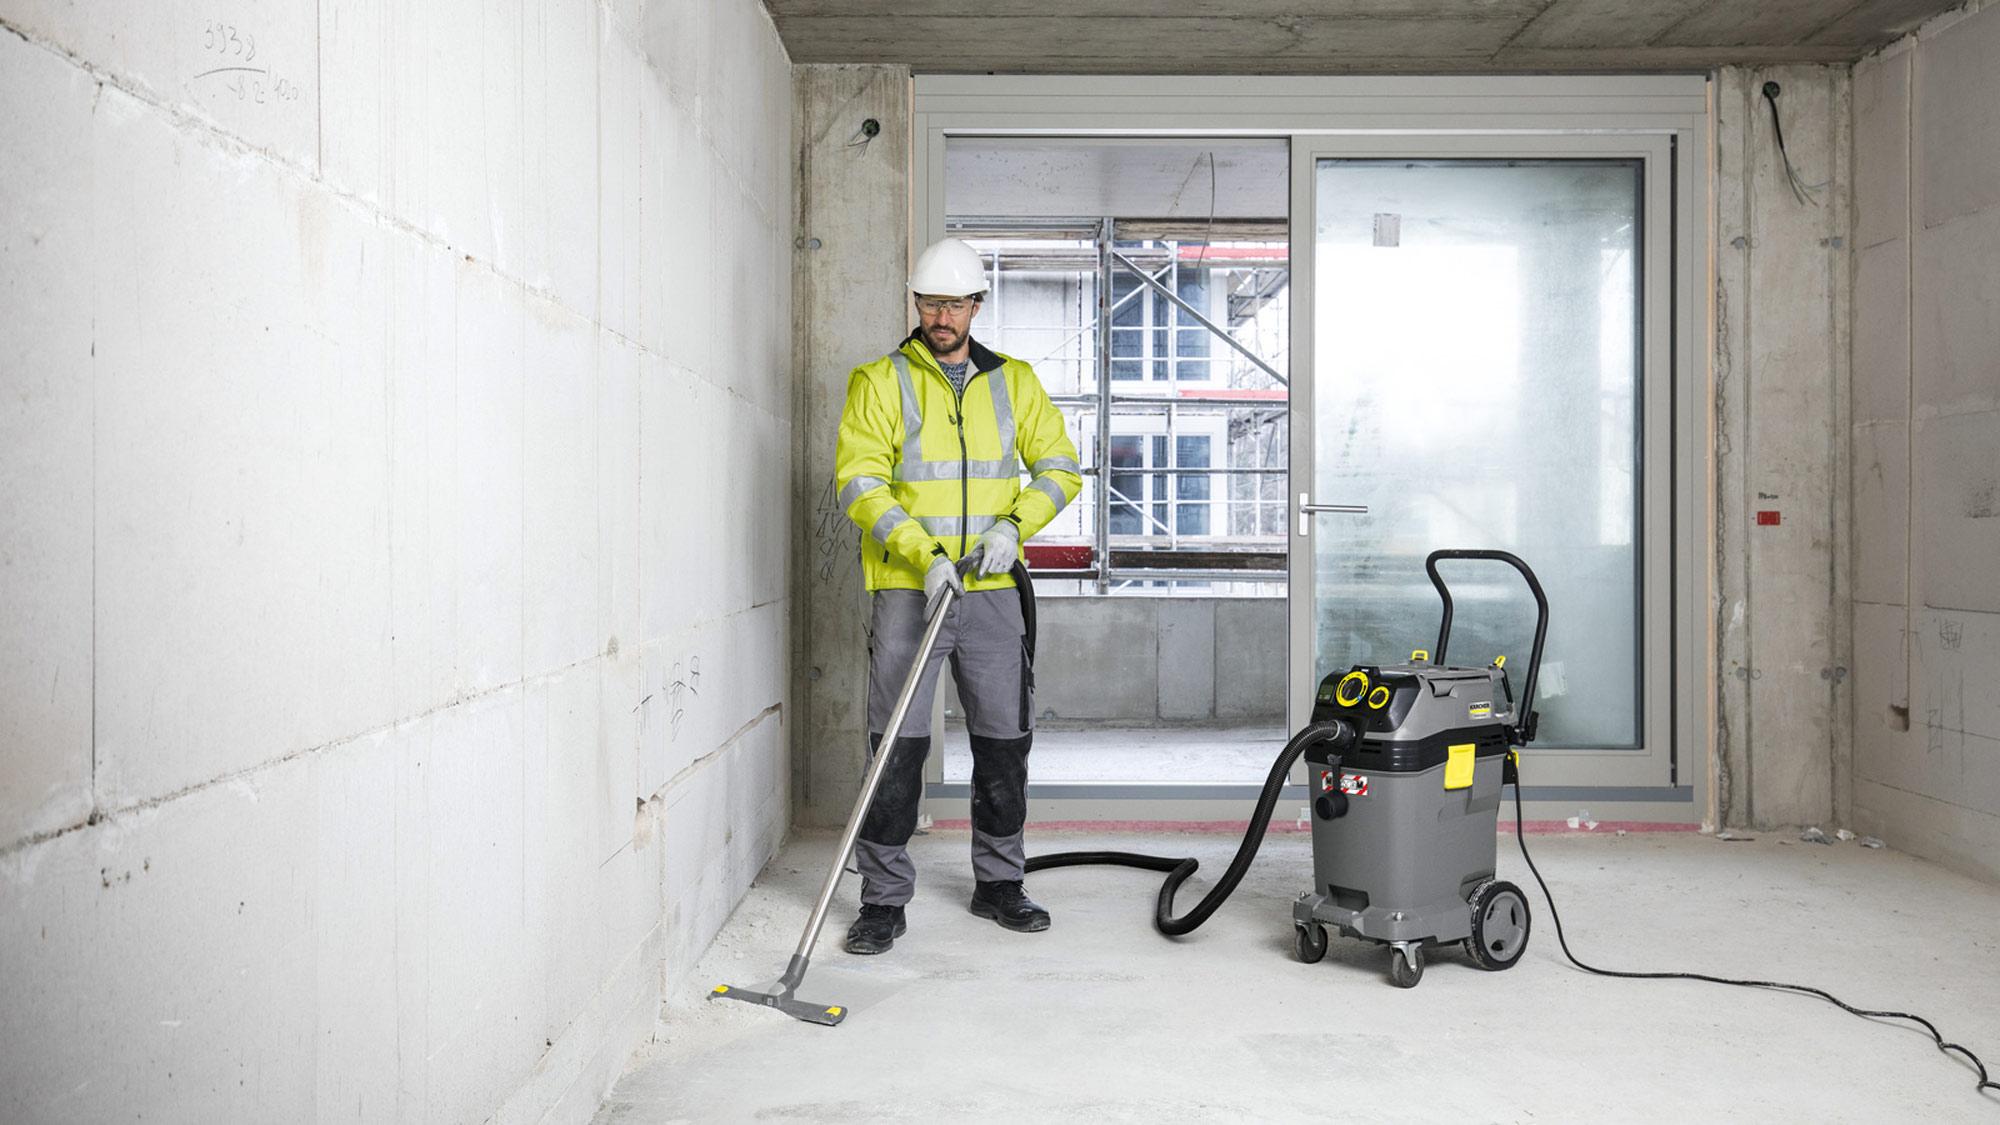 Una nuova barriera contro la polvere edile | Nuovi aspiratori Kärcher NT